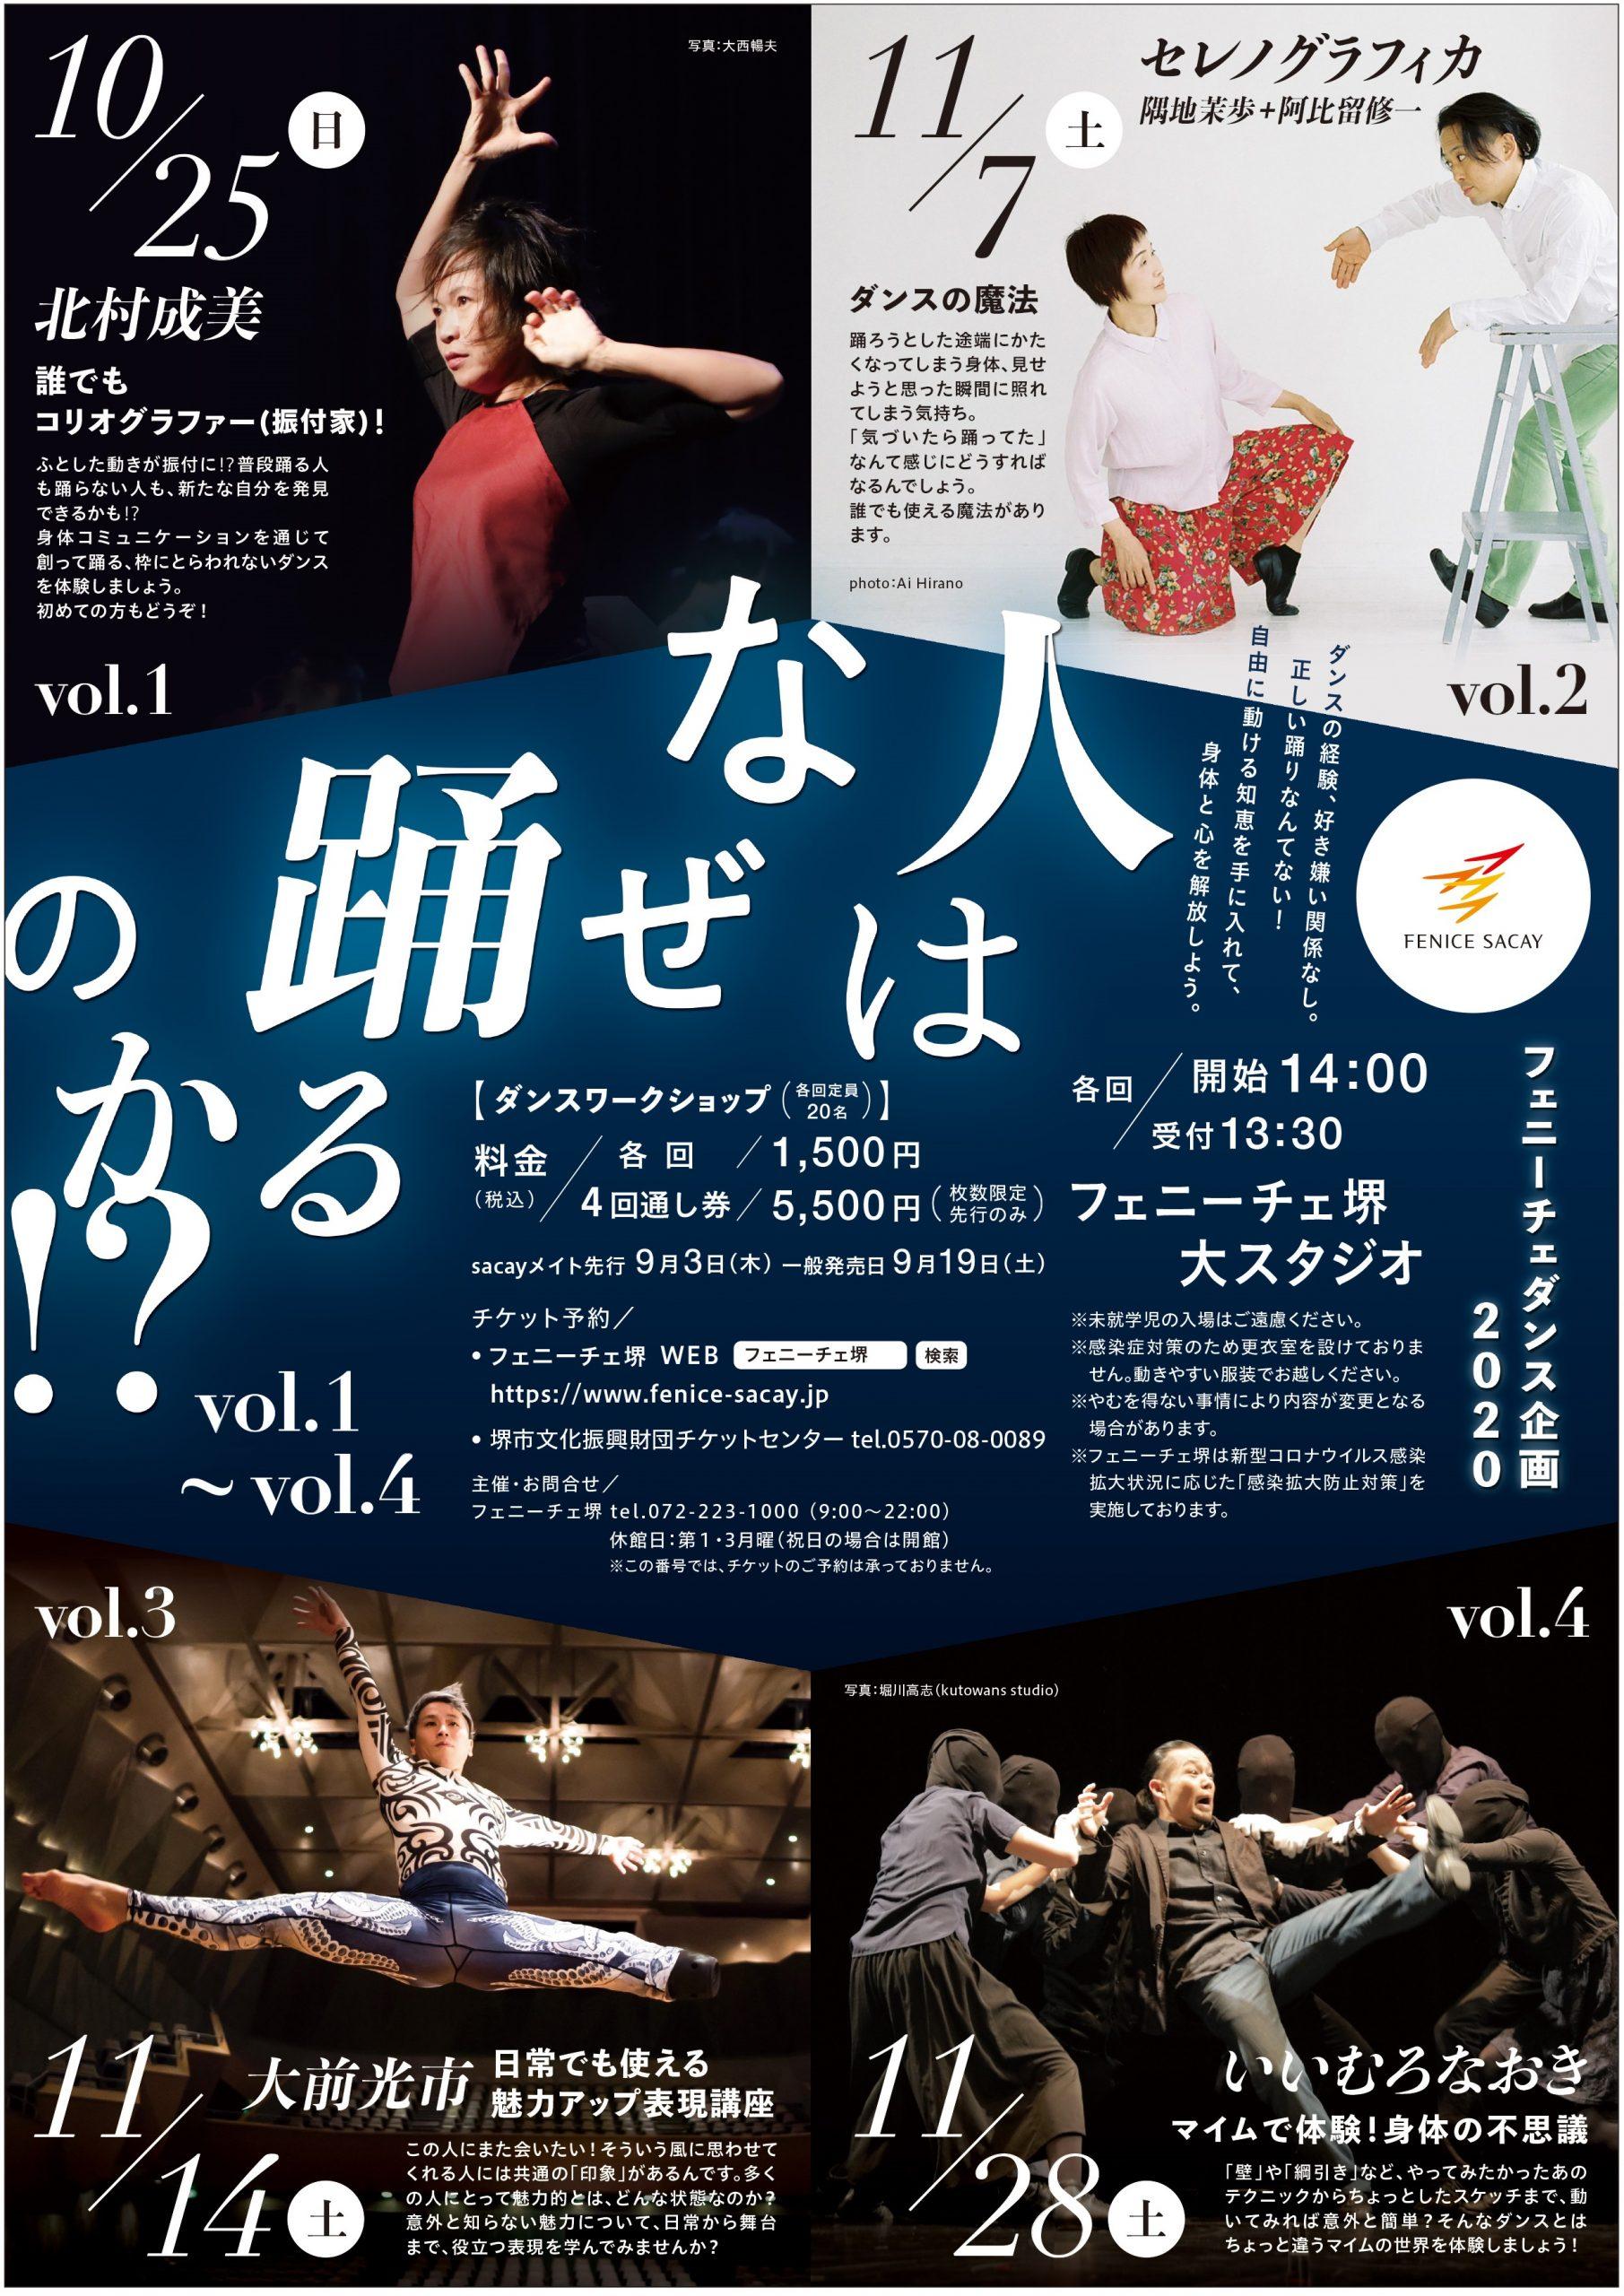 フェニーチェダンス企画2020「人はなぜ踊るのか⁉」vol.1~vol.4